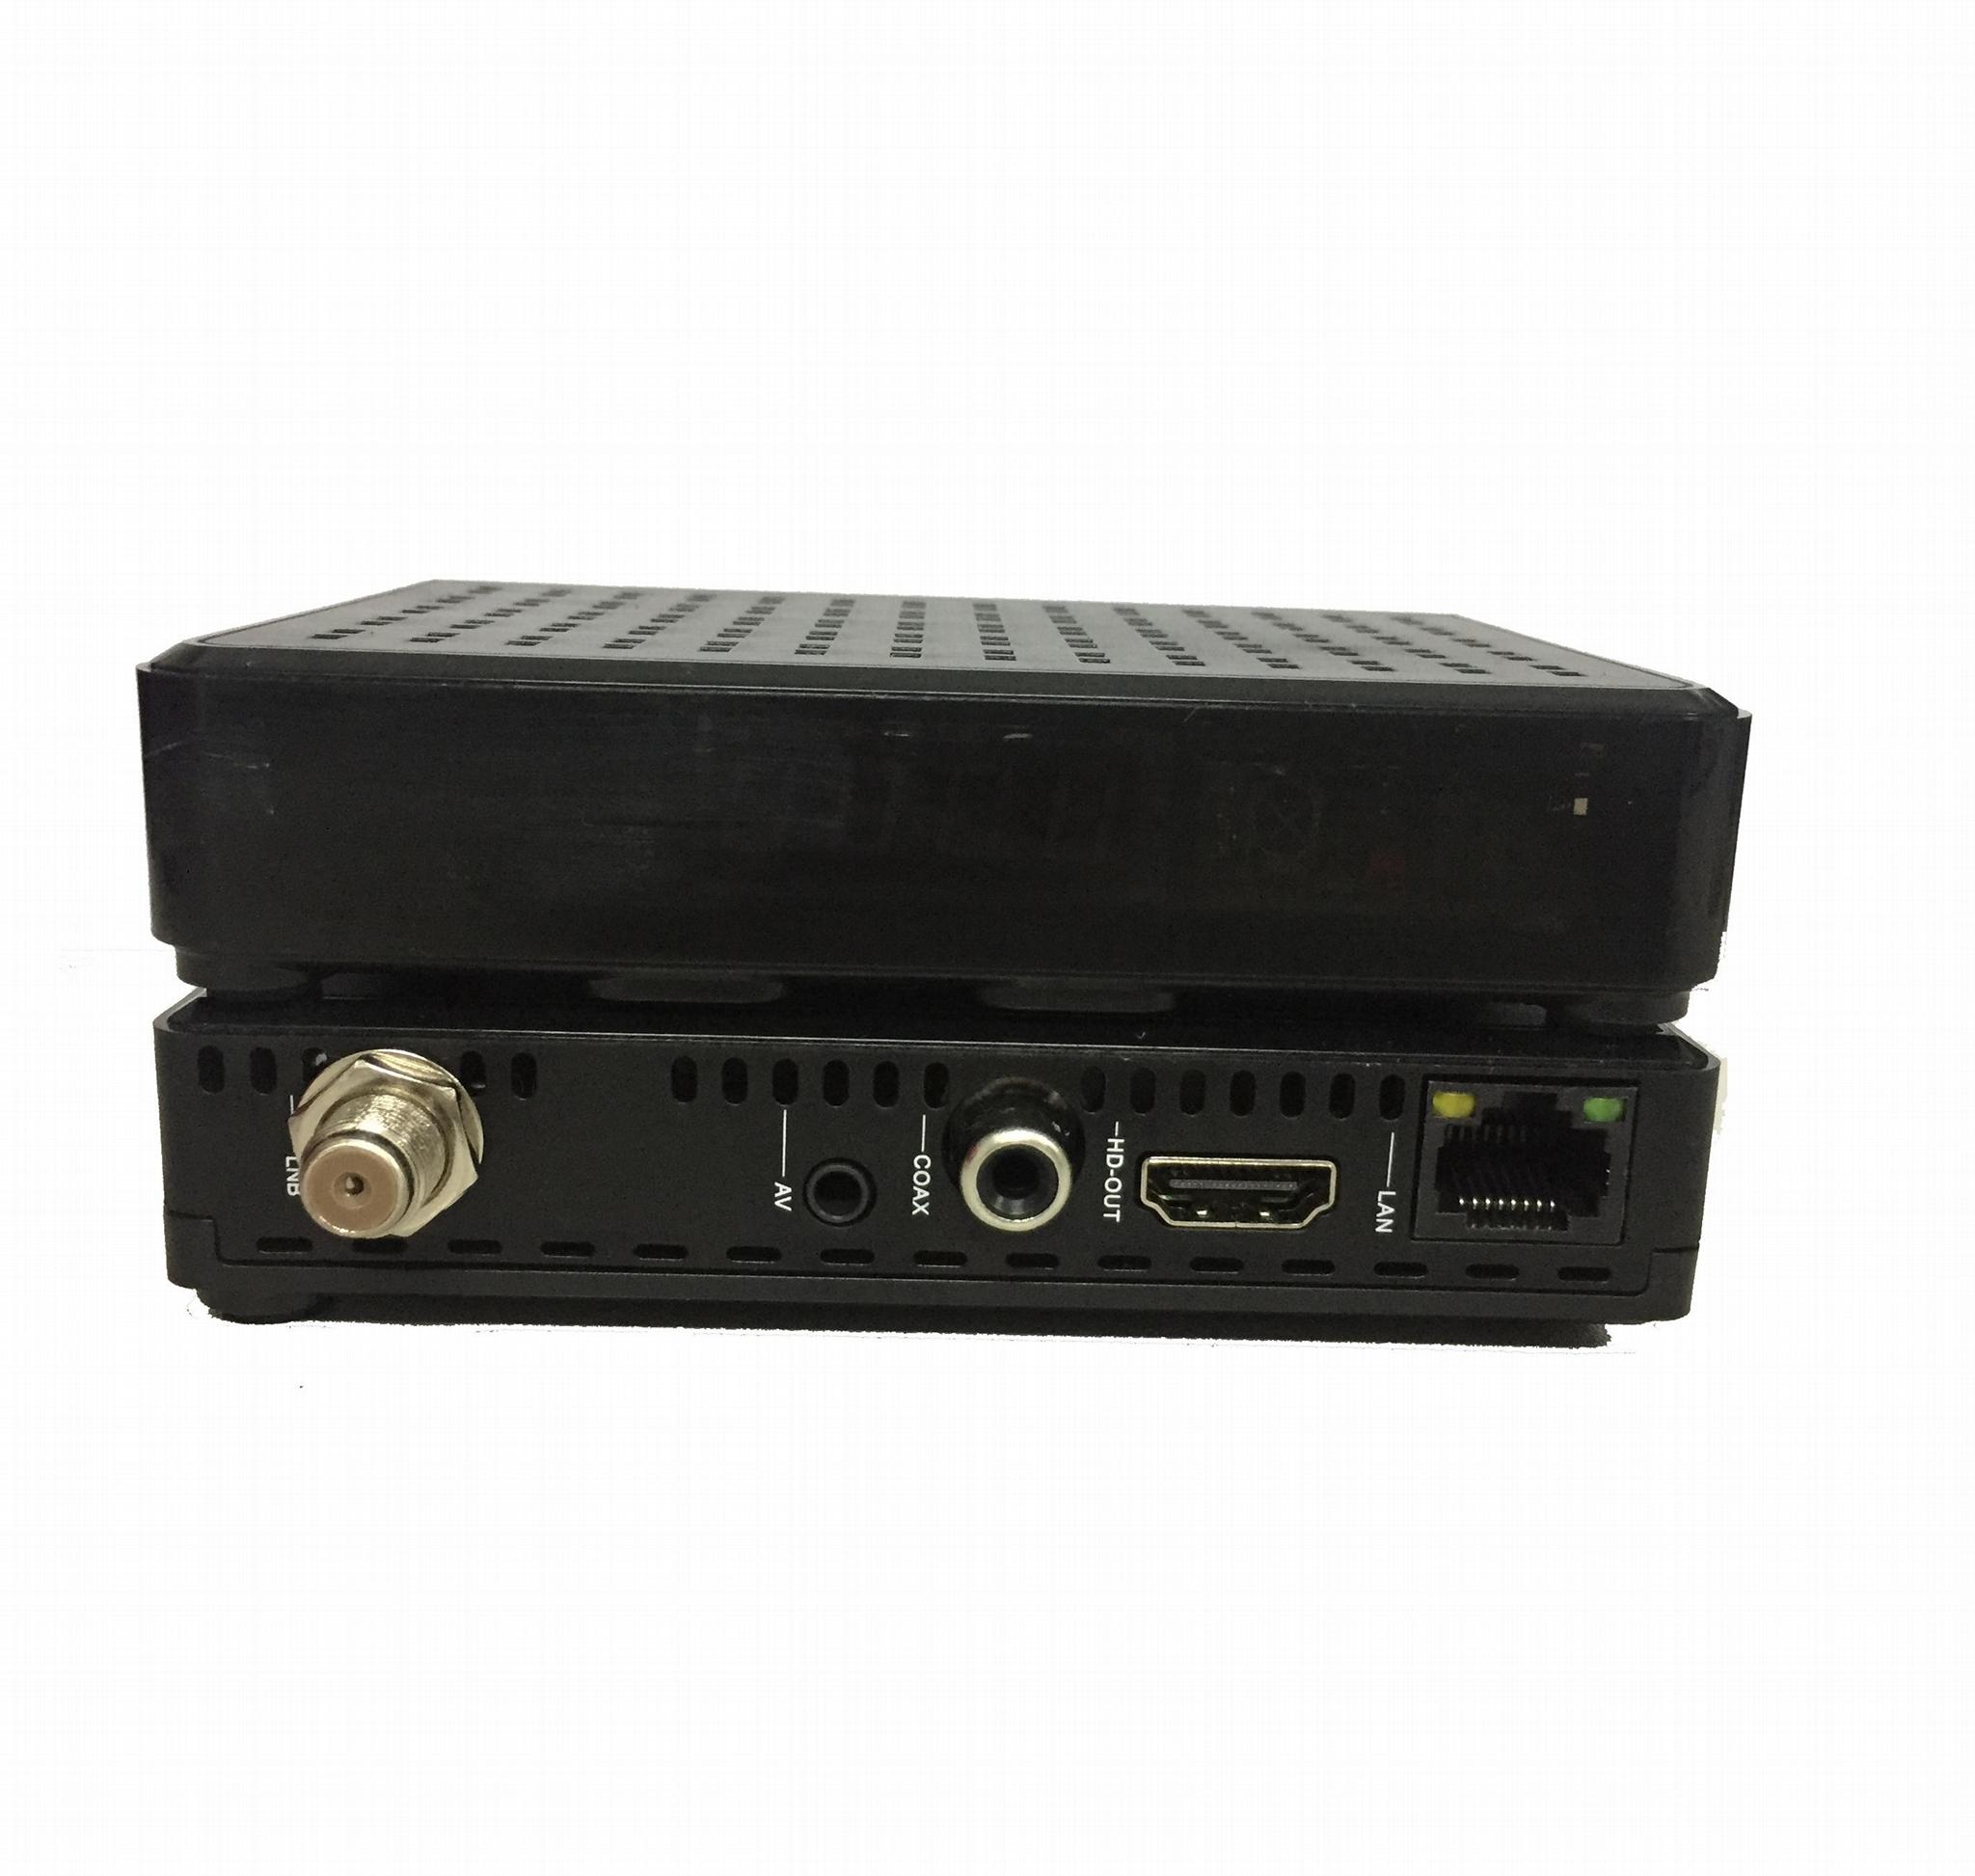 LINUX系統DVB-C機頂盒 2